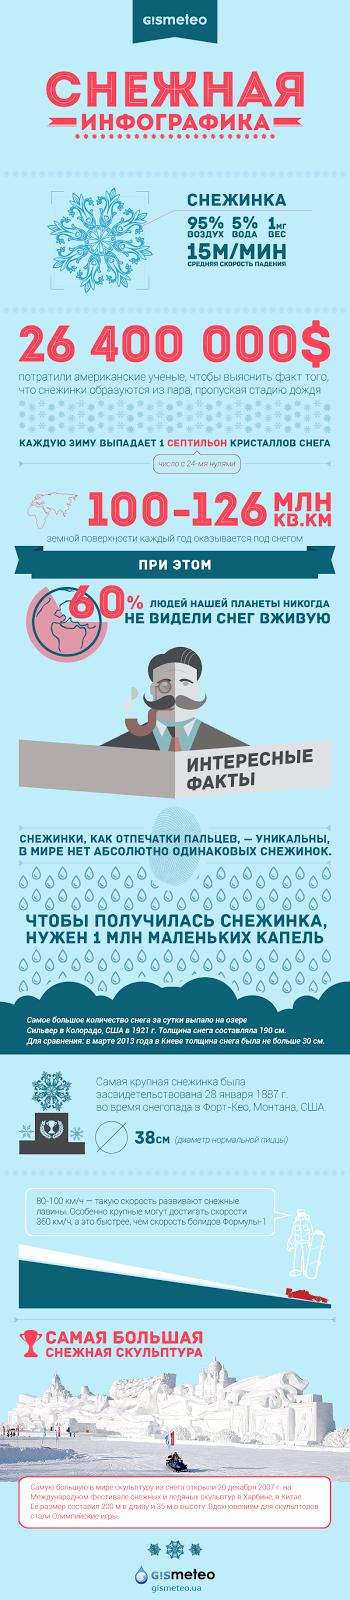 Снежная инфографика от Gismeteo.UA